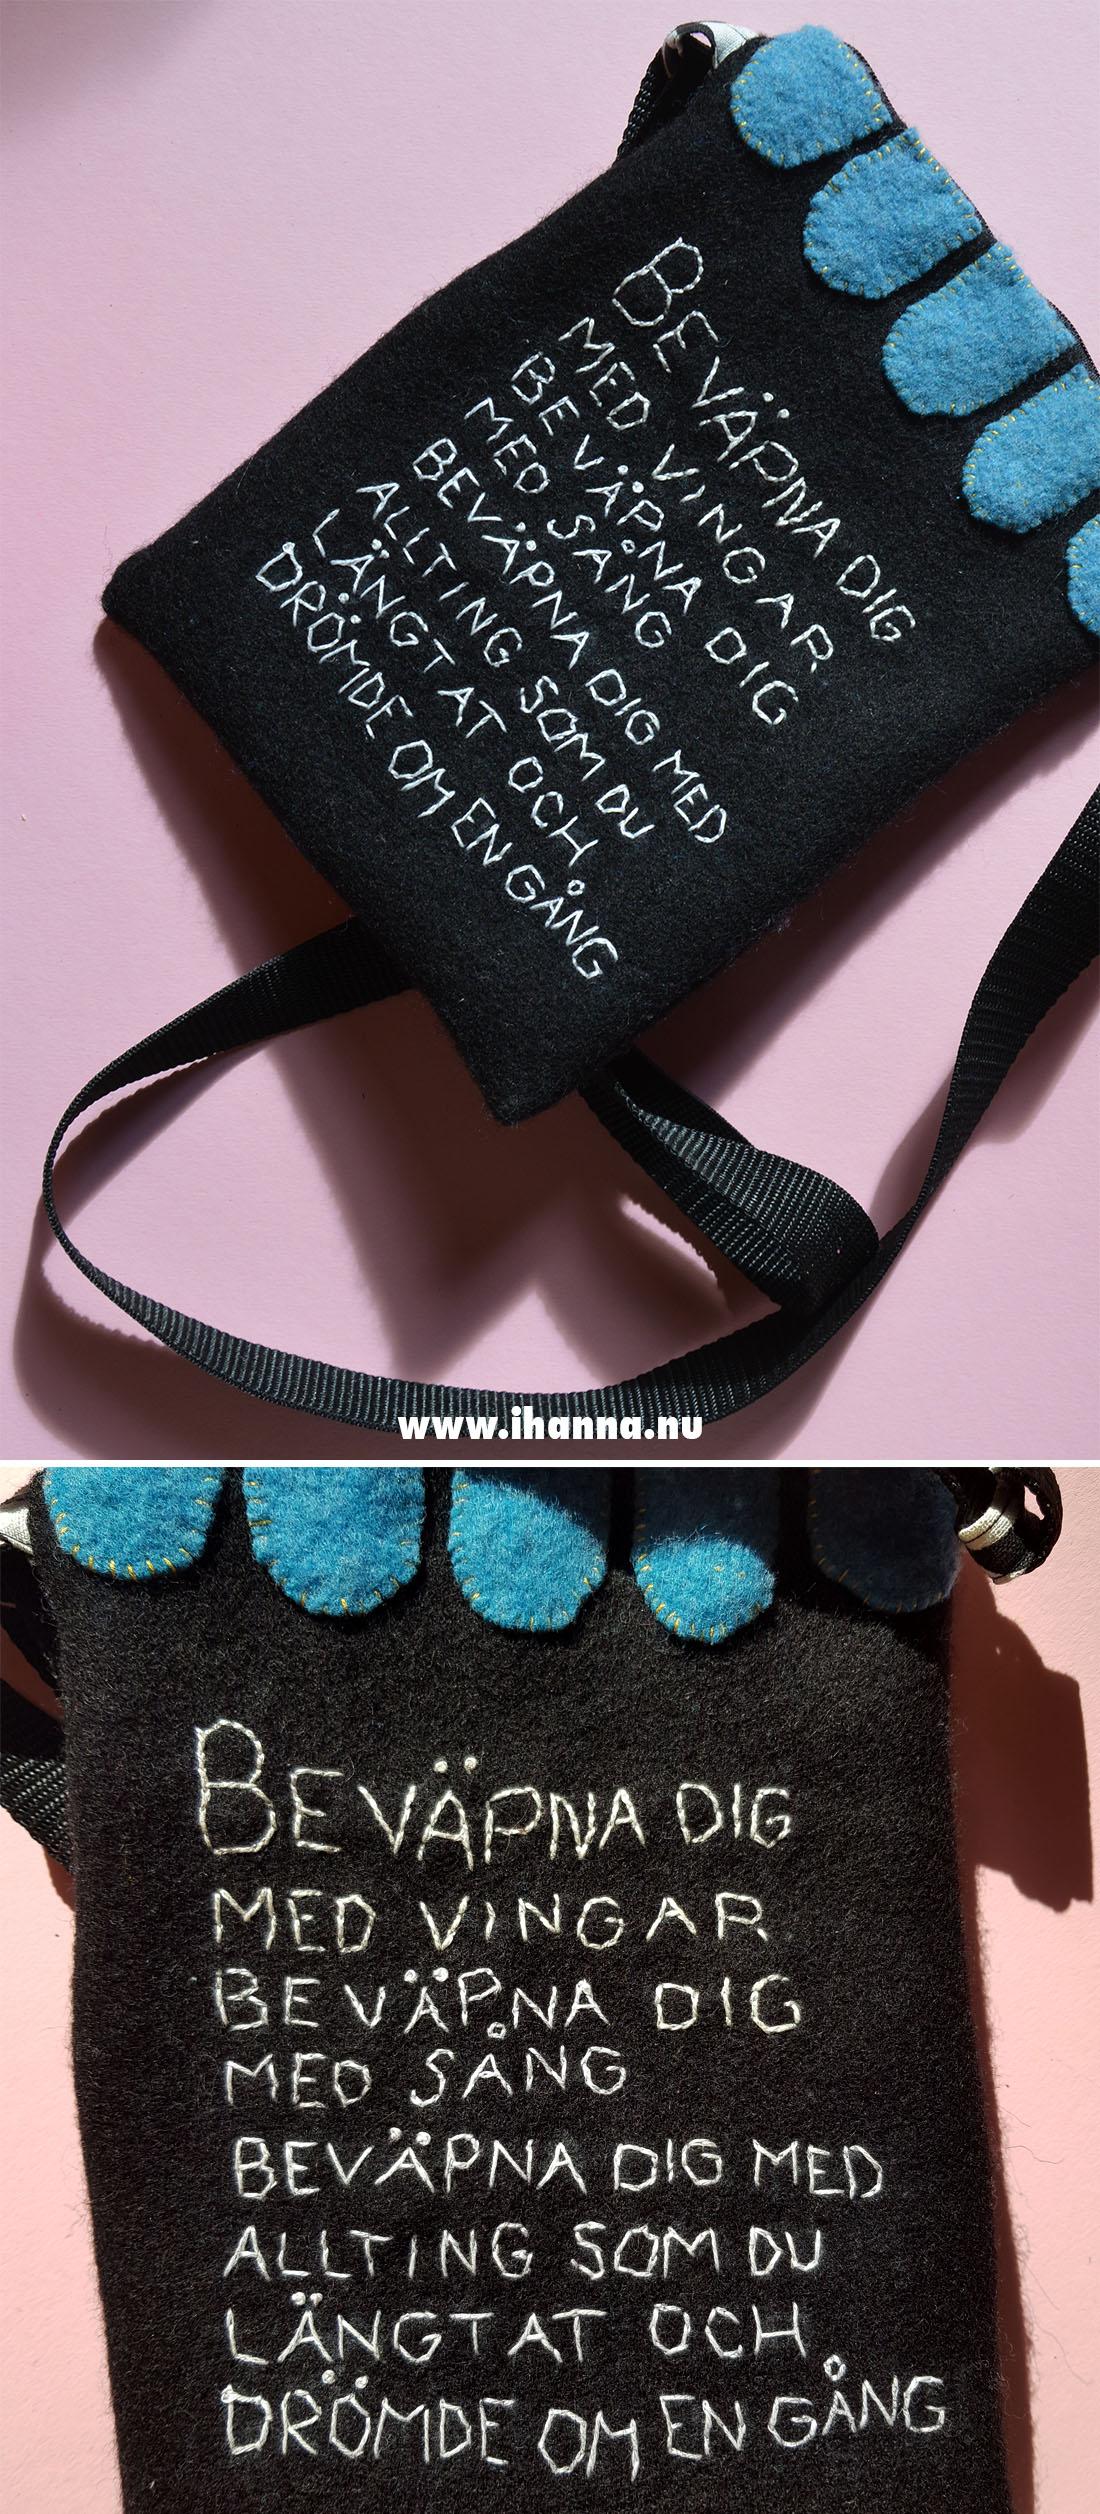 Backside of wool embroidered handbag by Hanna Andersson aka iHanna